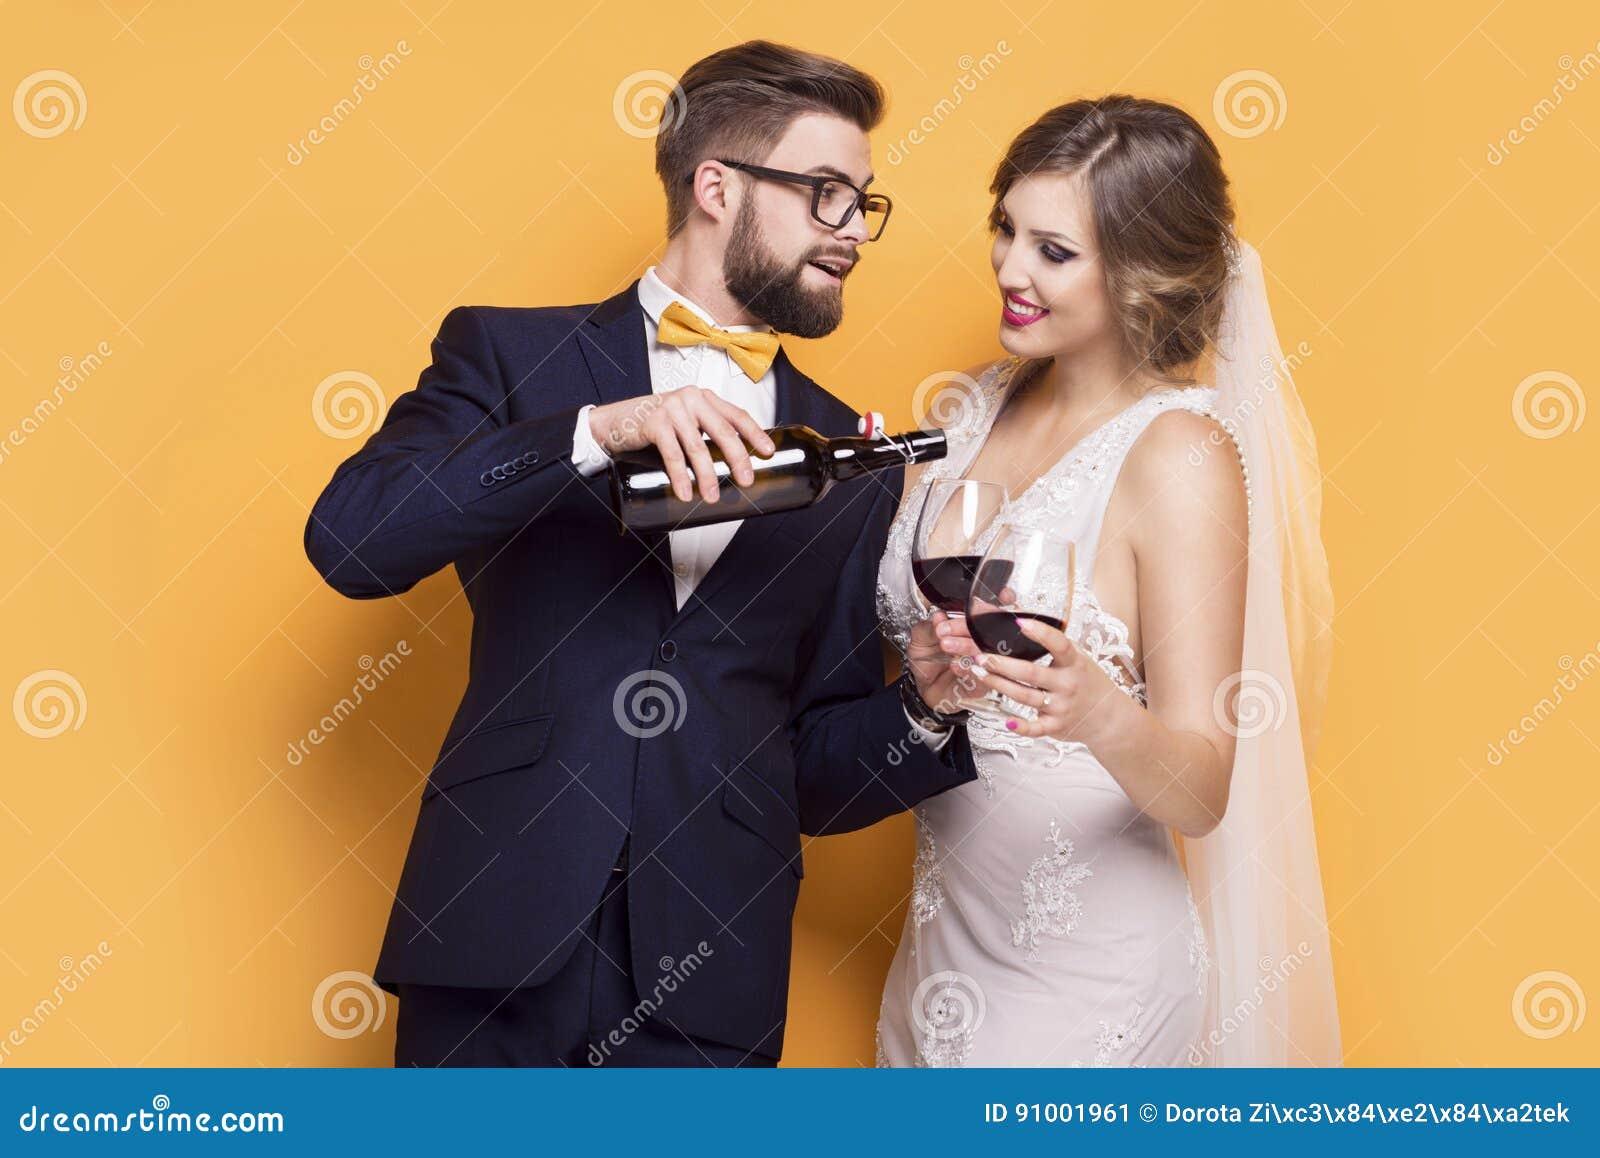 Persone appena sposate che celebrano vino rosso bevente